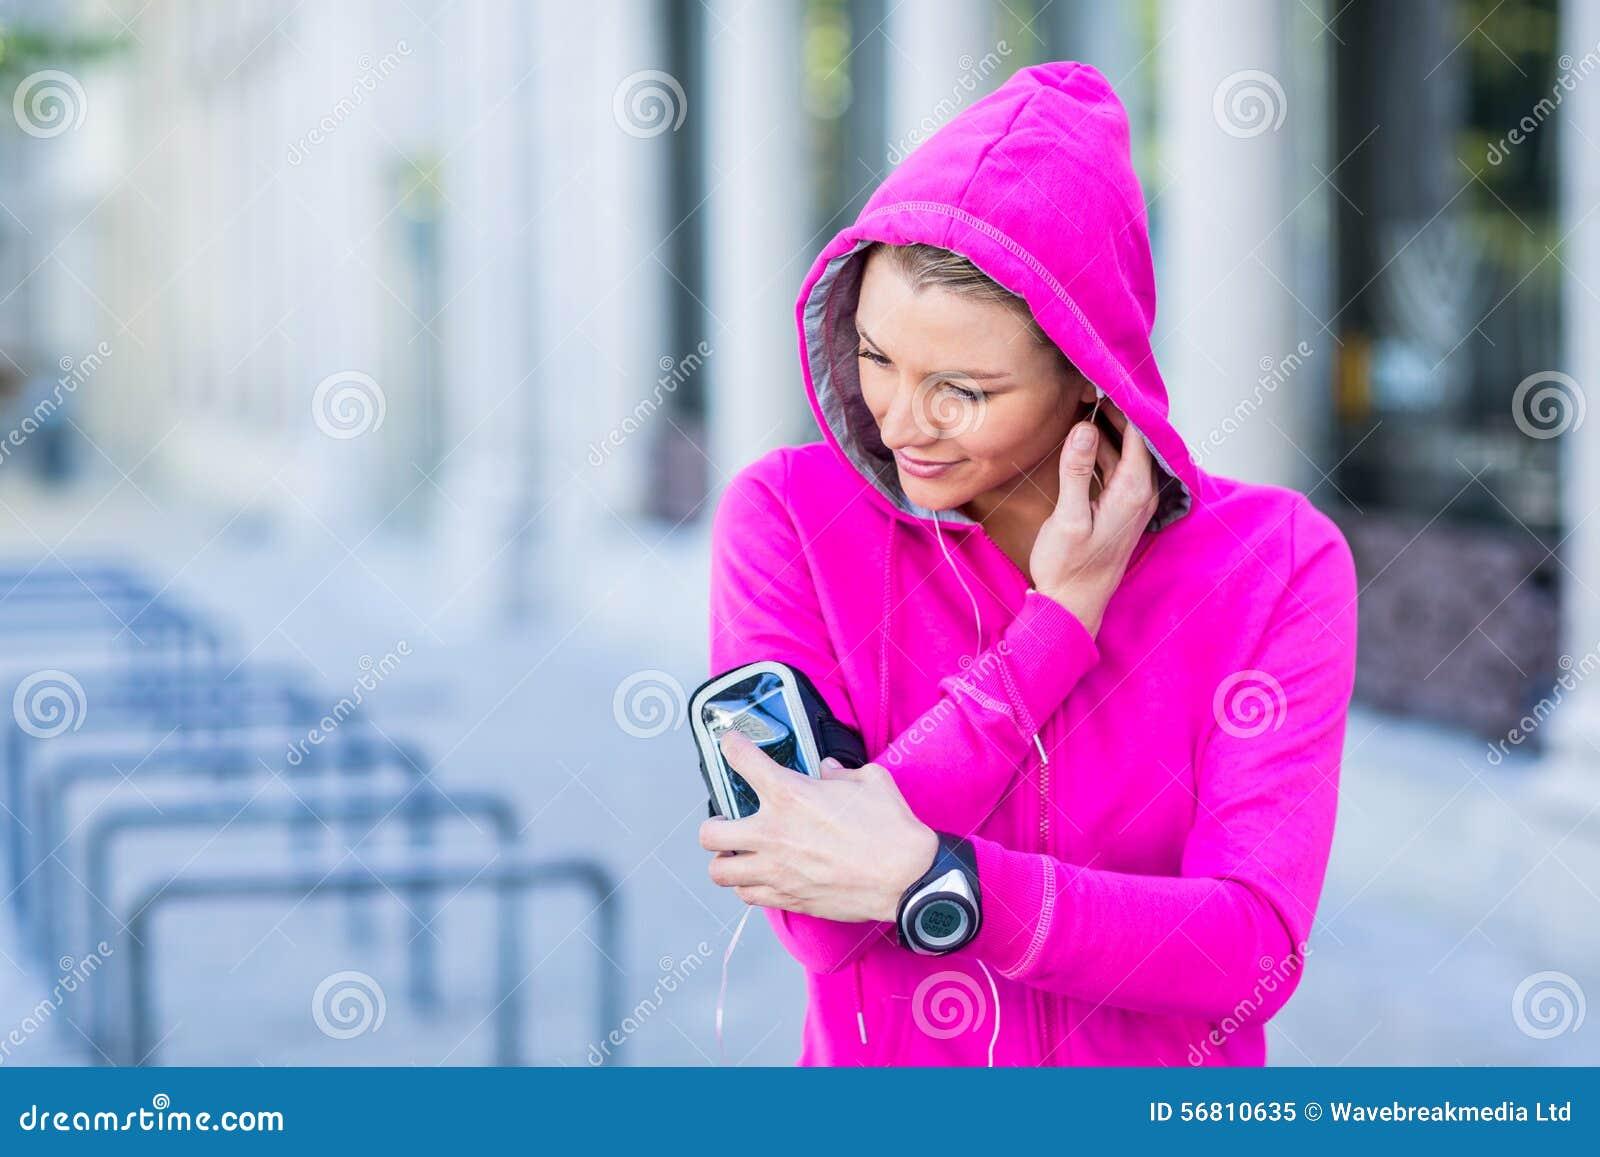 Una mujer que lleva una chaqueta rosada usando su teléfono